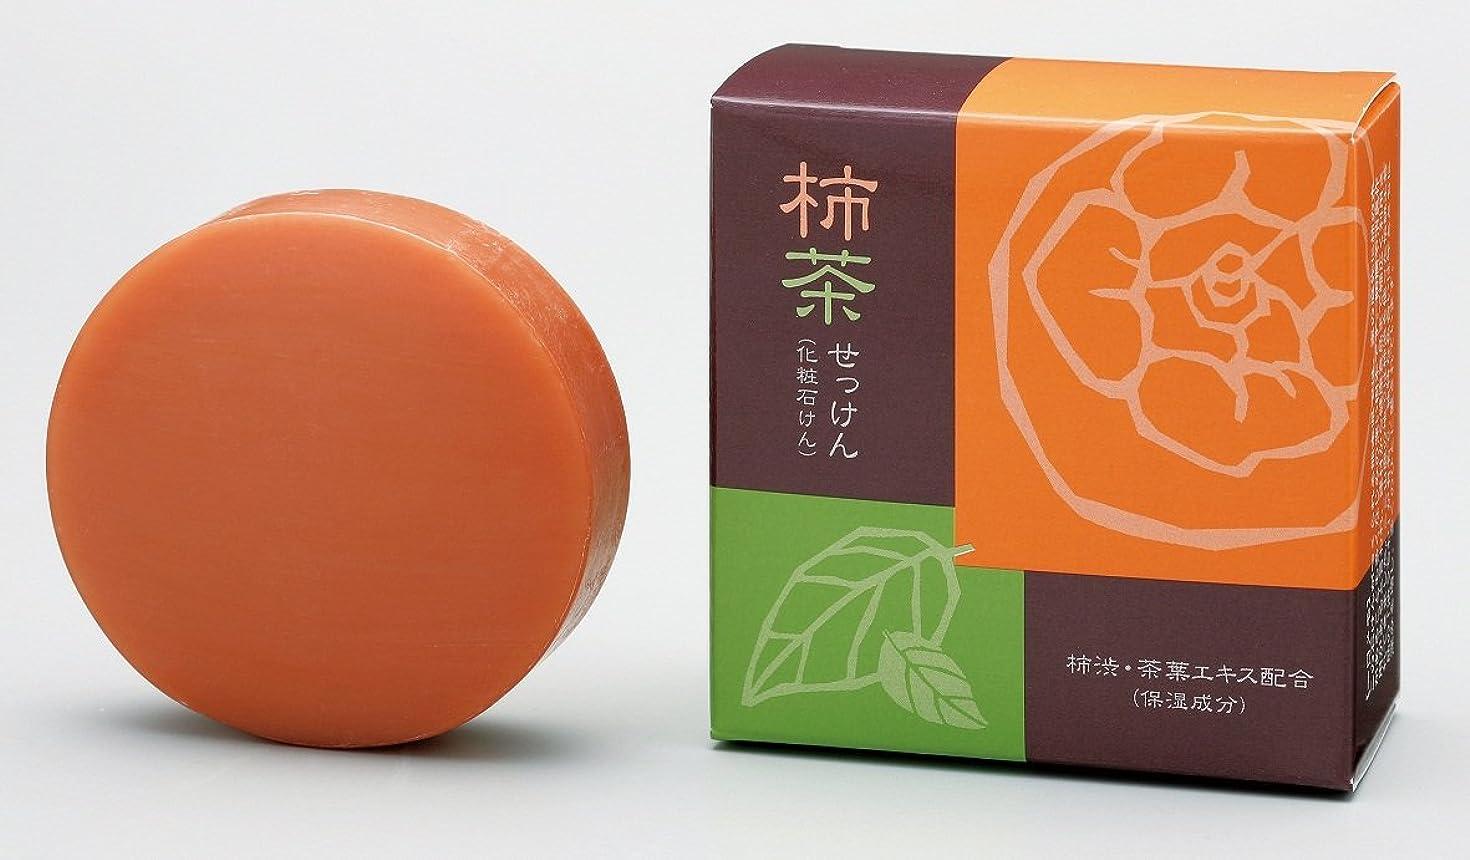 マリンクリップ蝶見つけた柿茶石けん 6個組